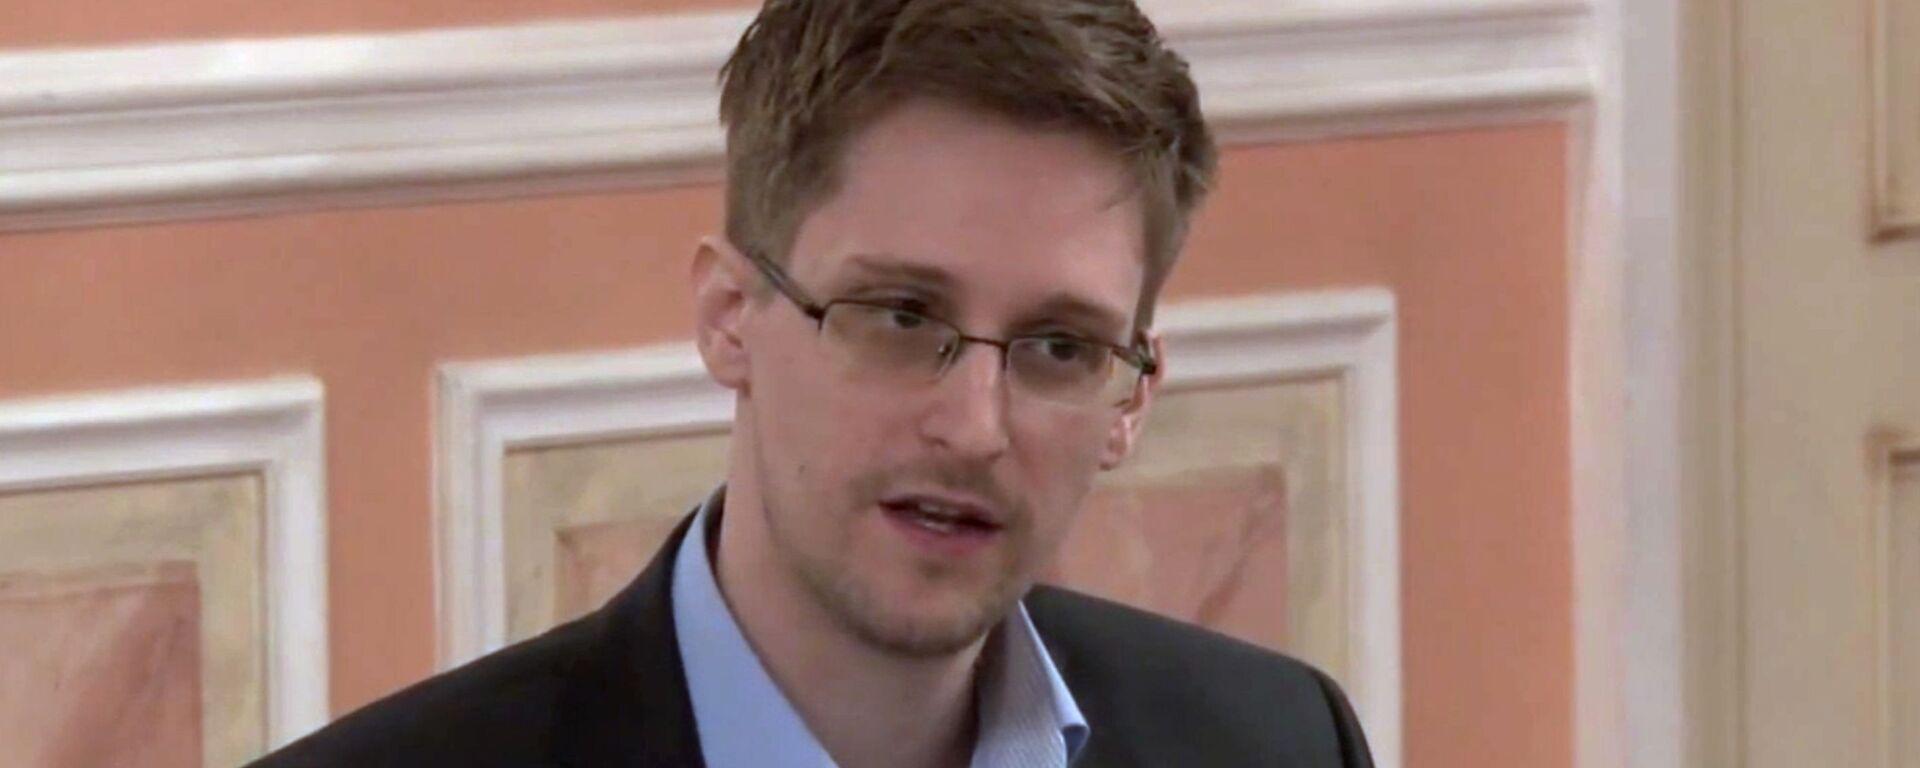 Эдвард Сноуден - Sputnik Латвия, 1920, 02.09.2021